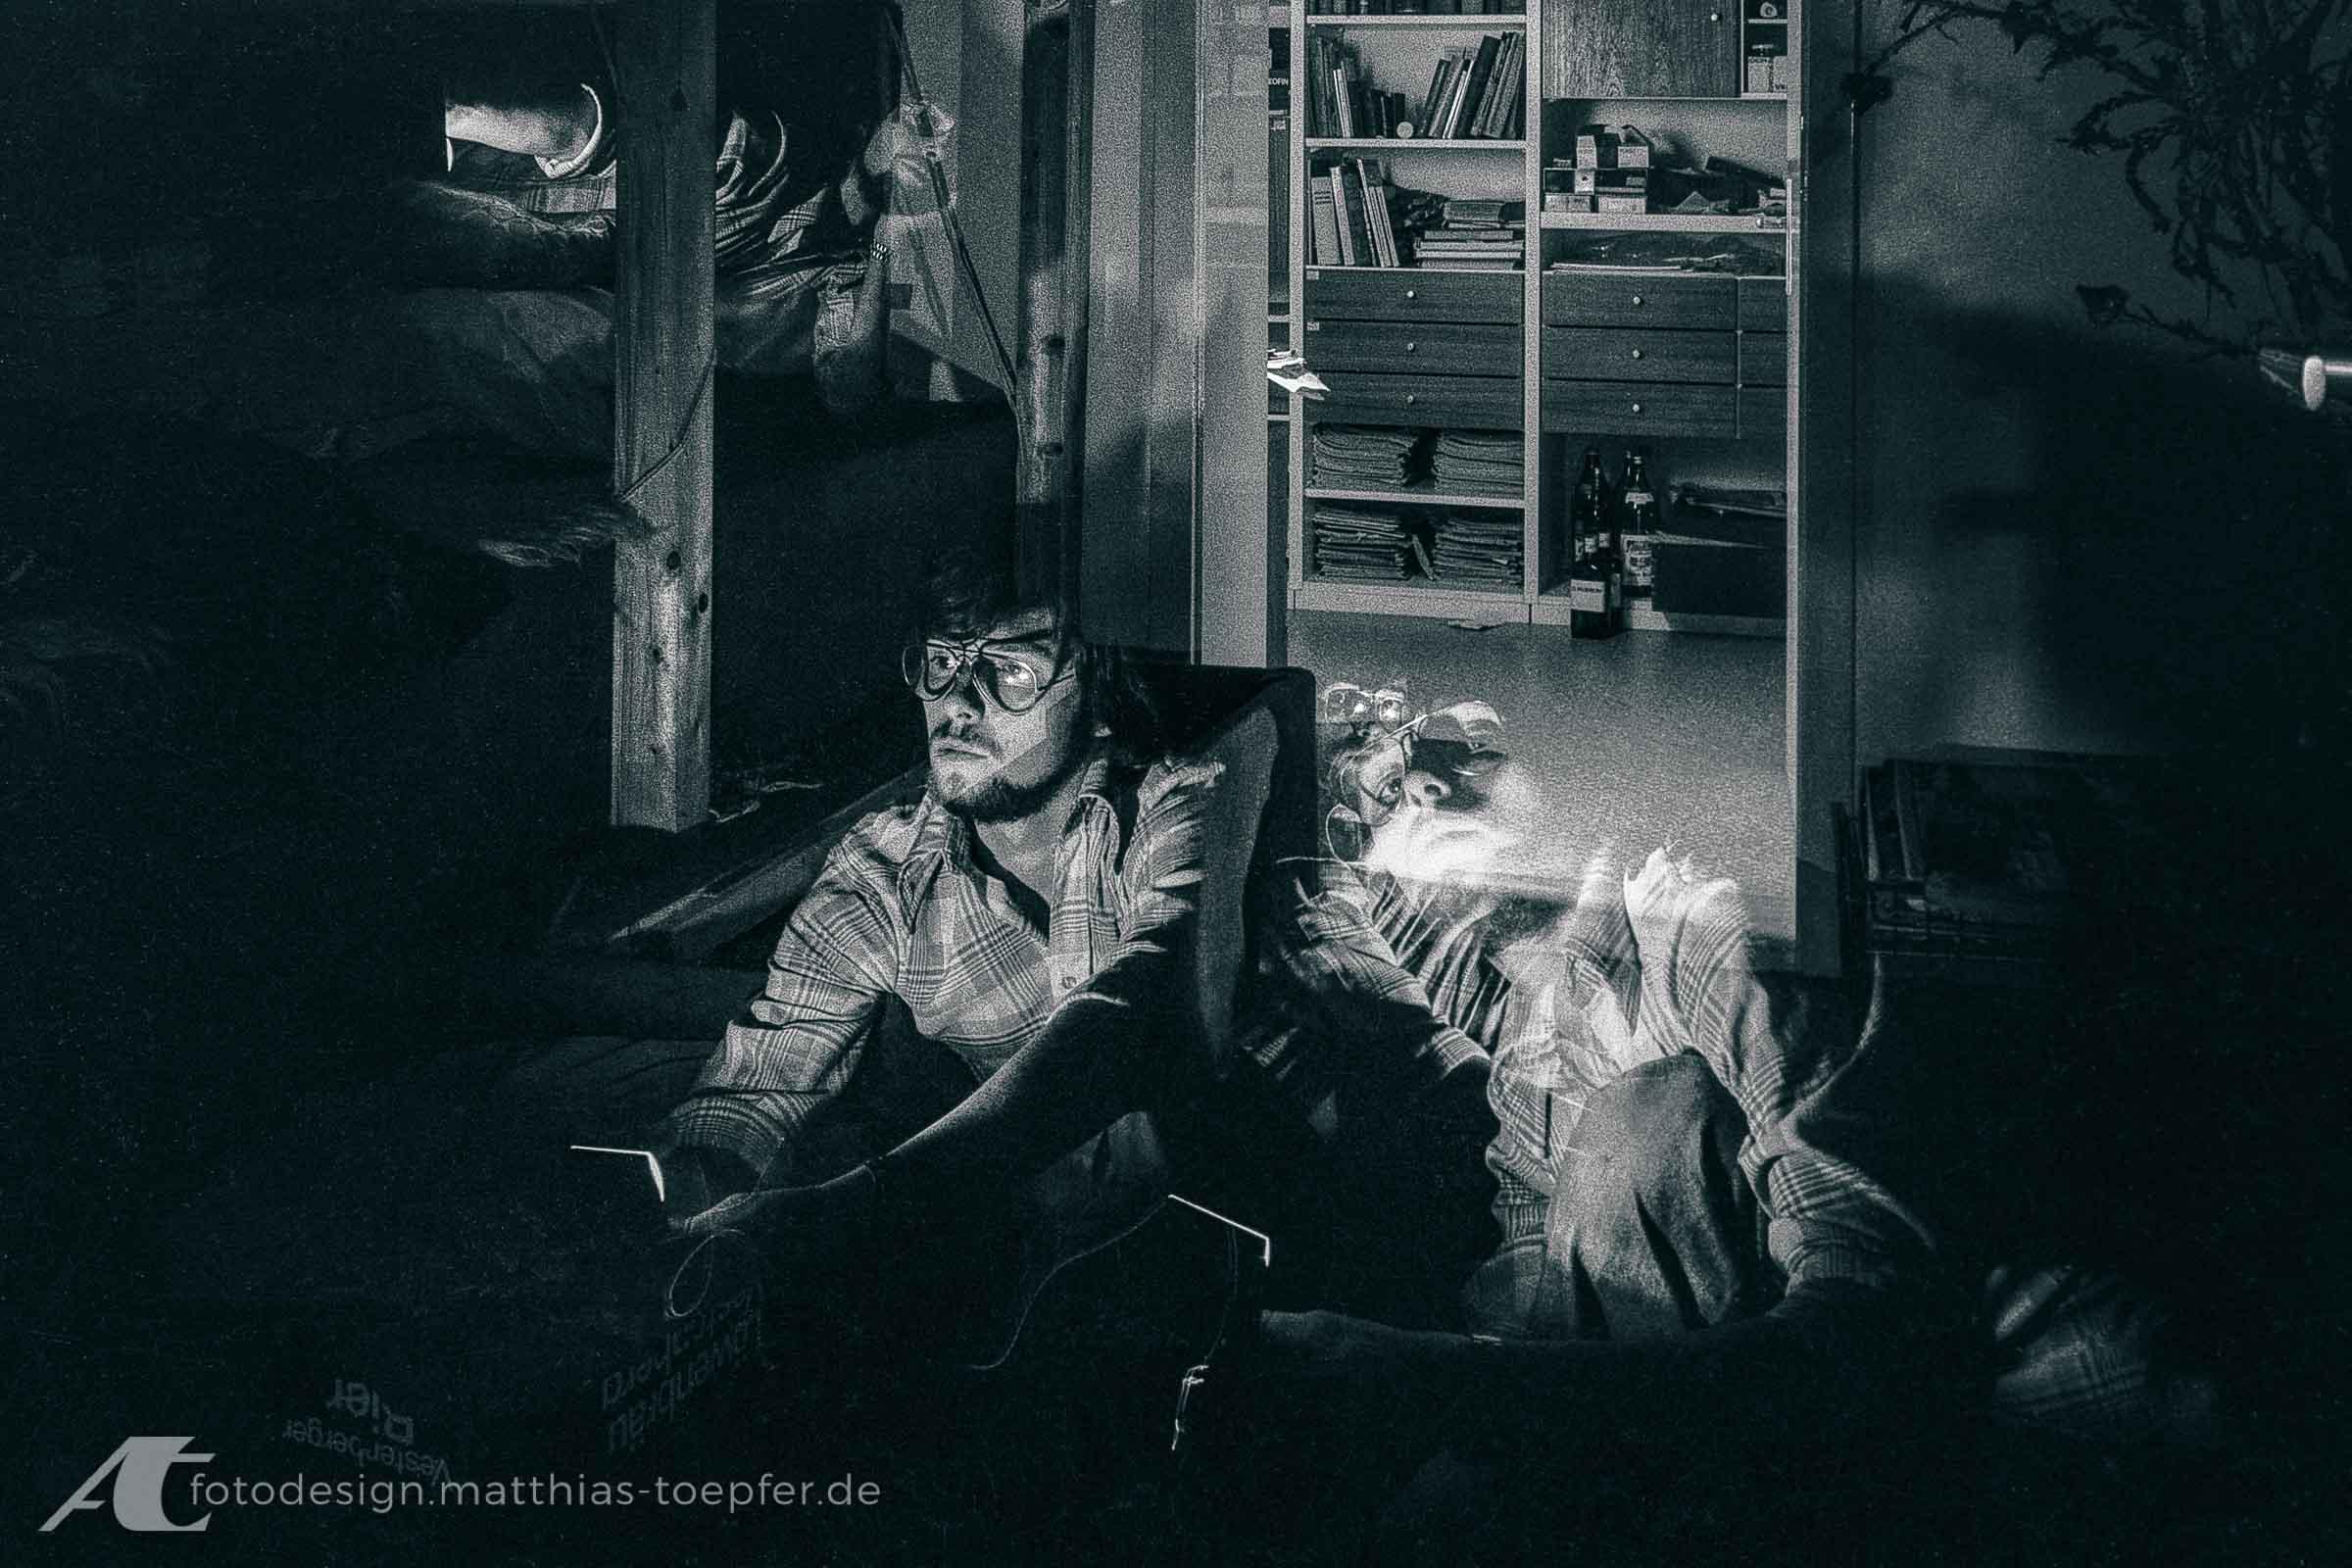 Matthias Töpfer 1973 experimentiert mit einem Blitzgerät